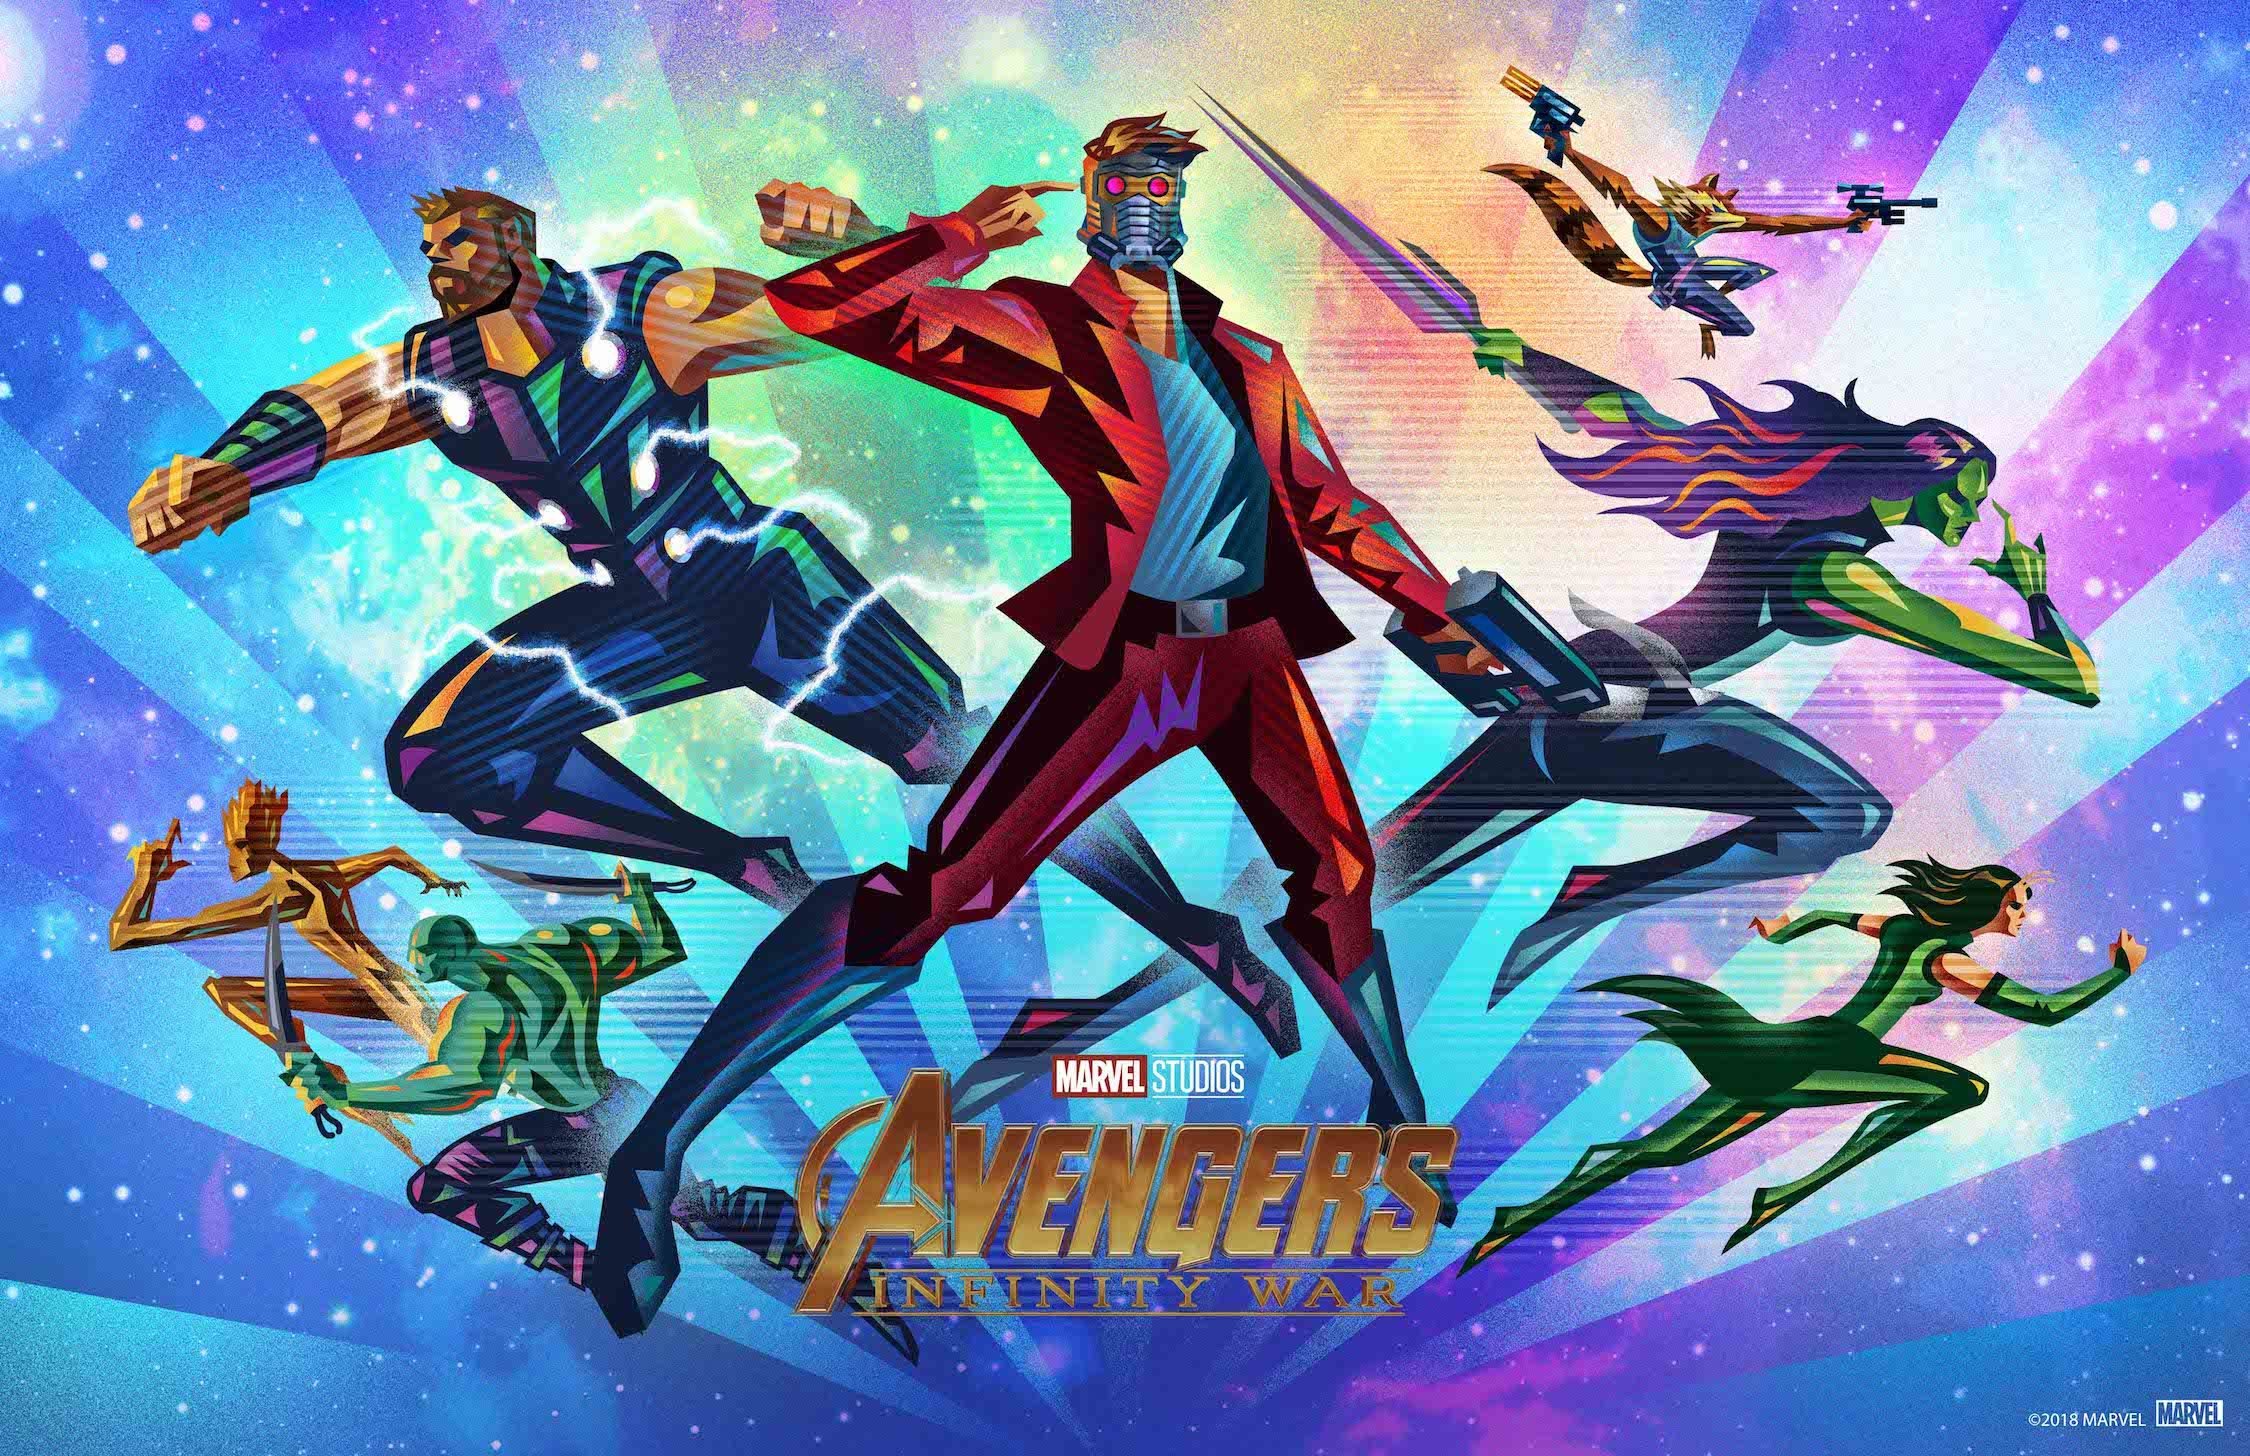 Avengers Infinity War Fandango Poster Full Hd 2k Wallpaper